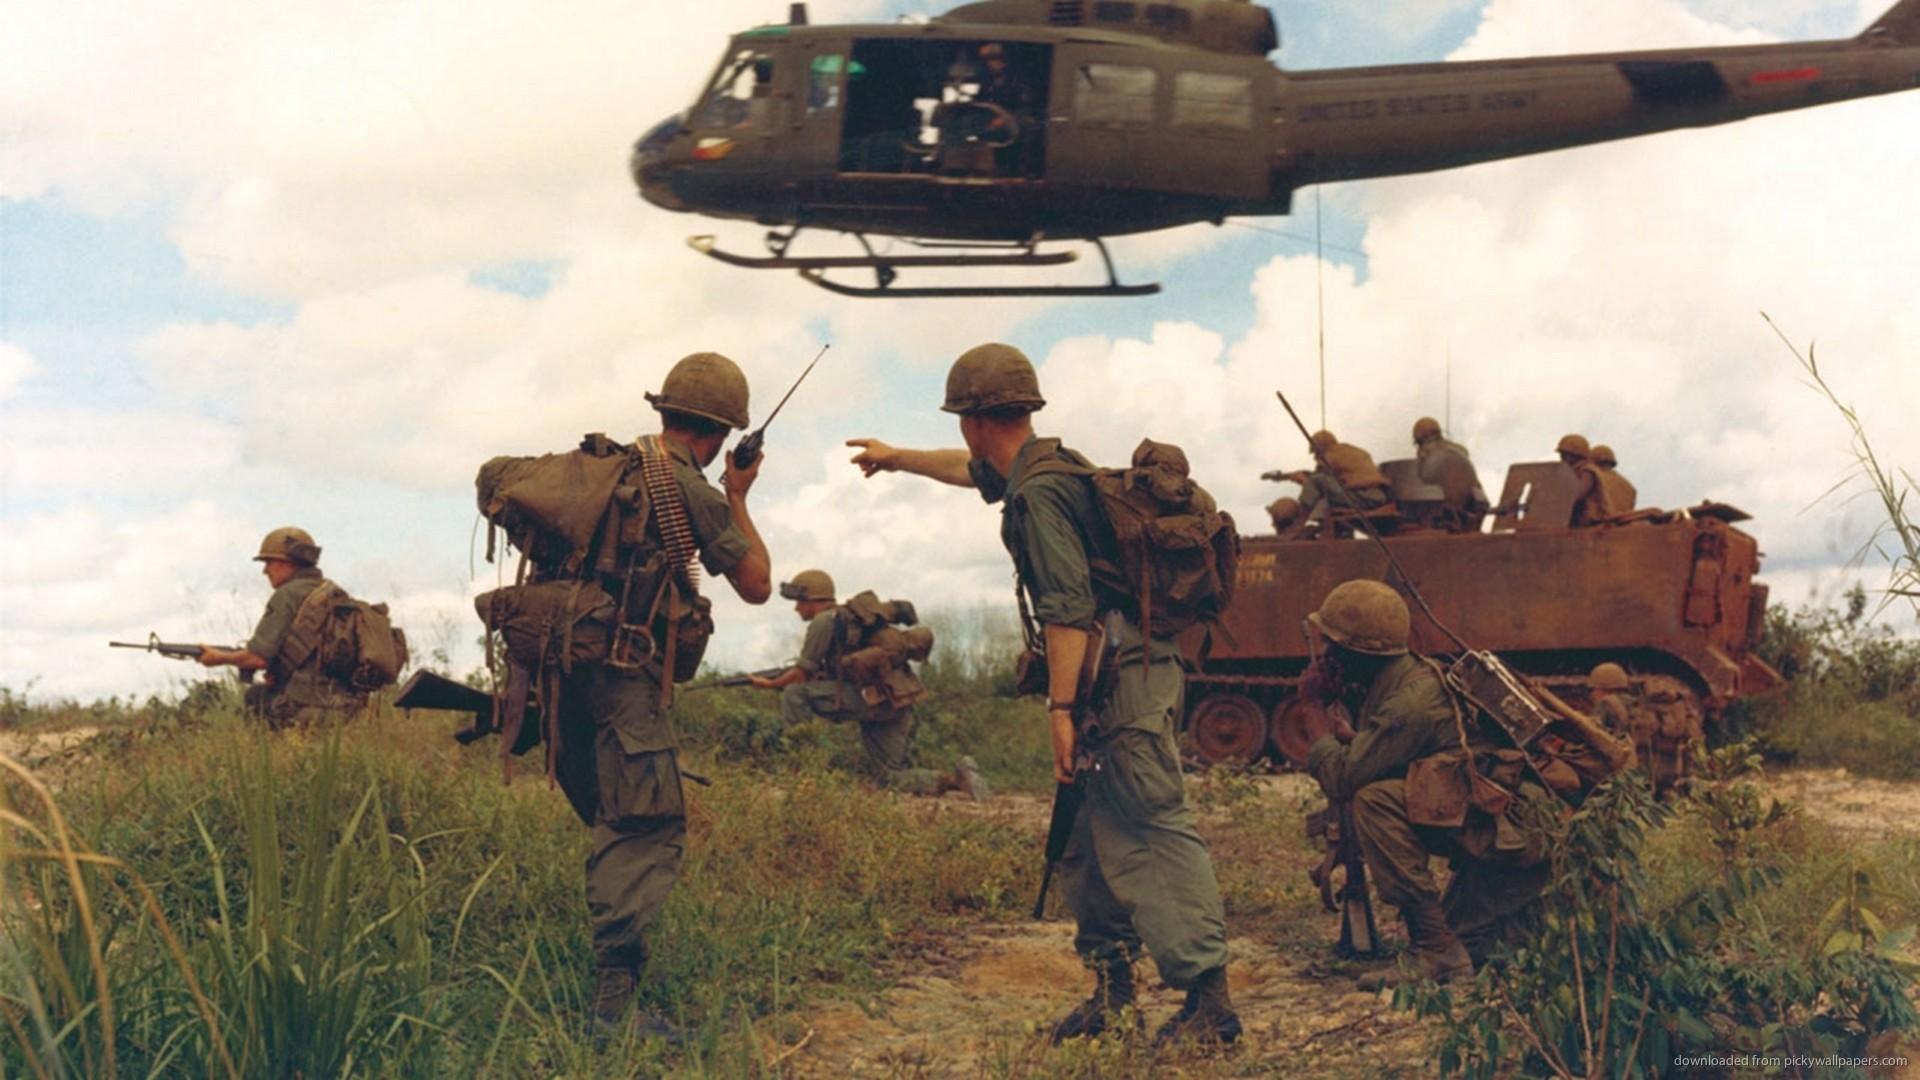 Vietnam War Wallpaper 50 images 1920x1080